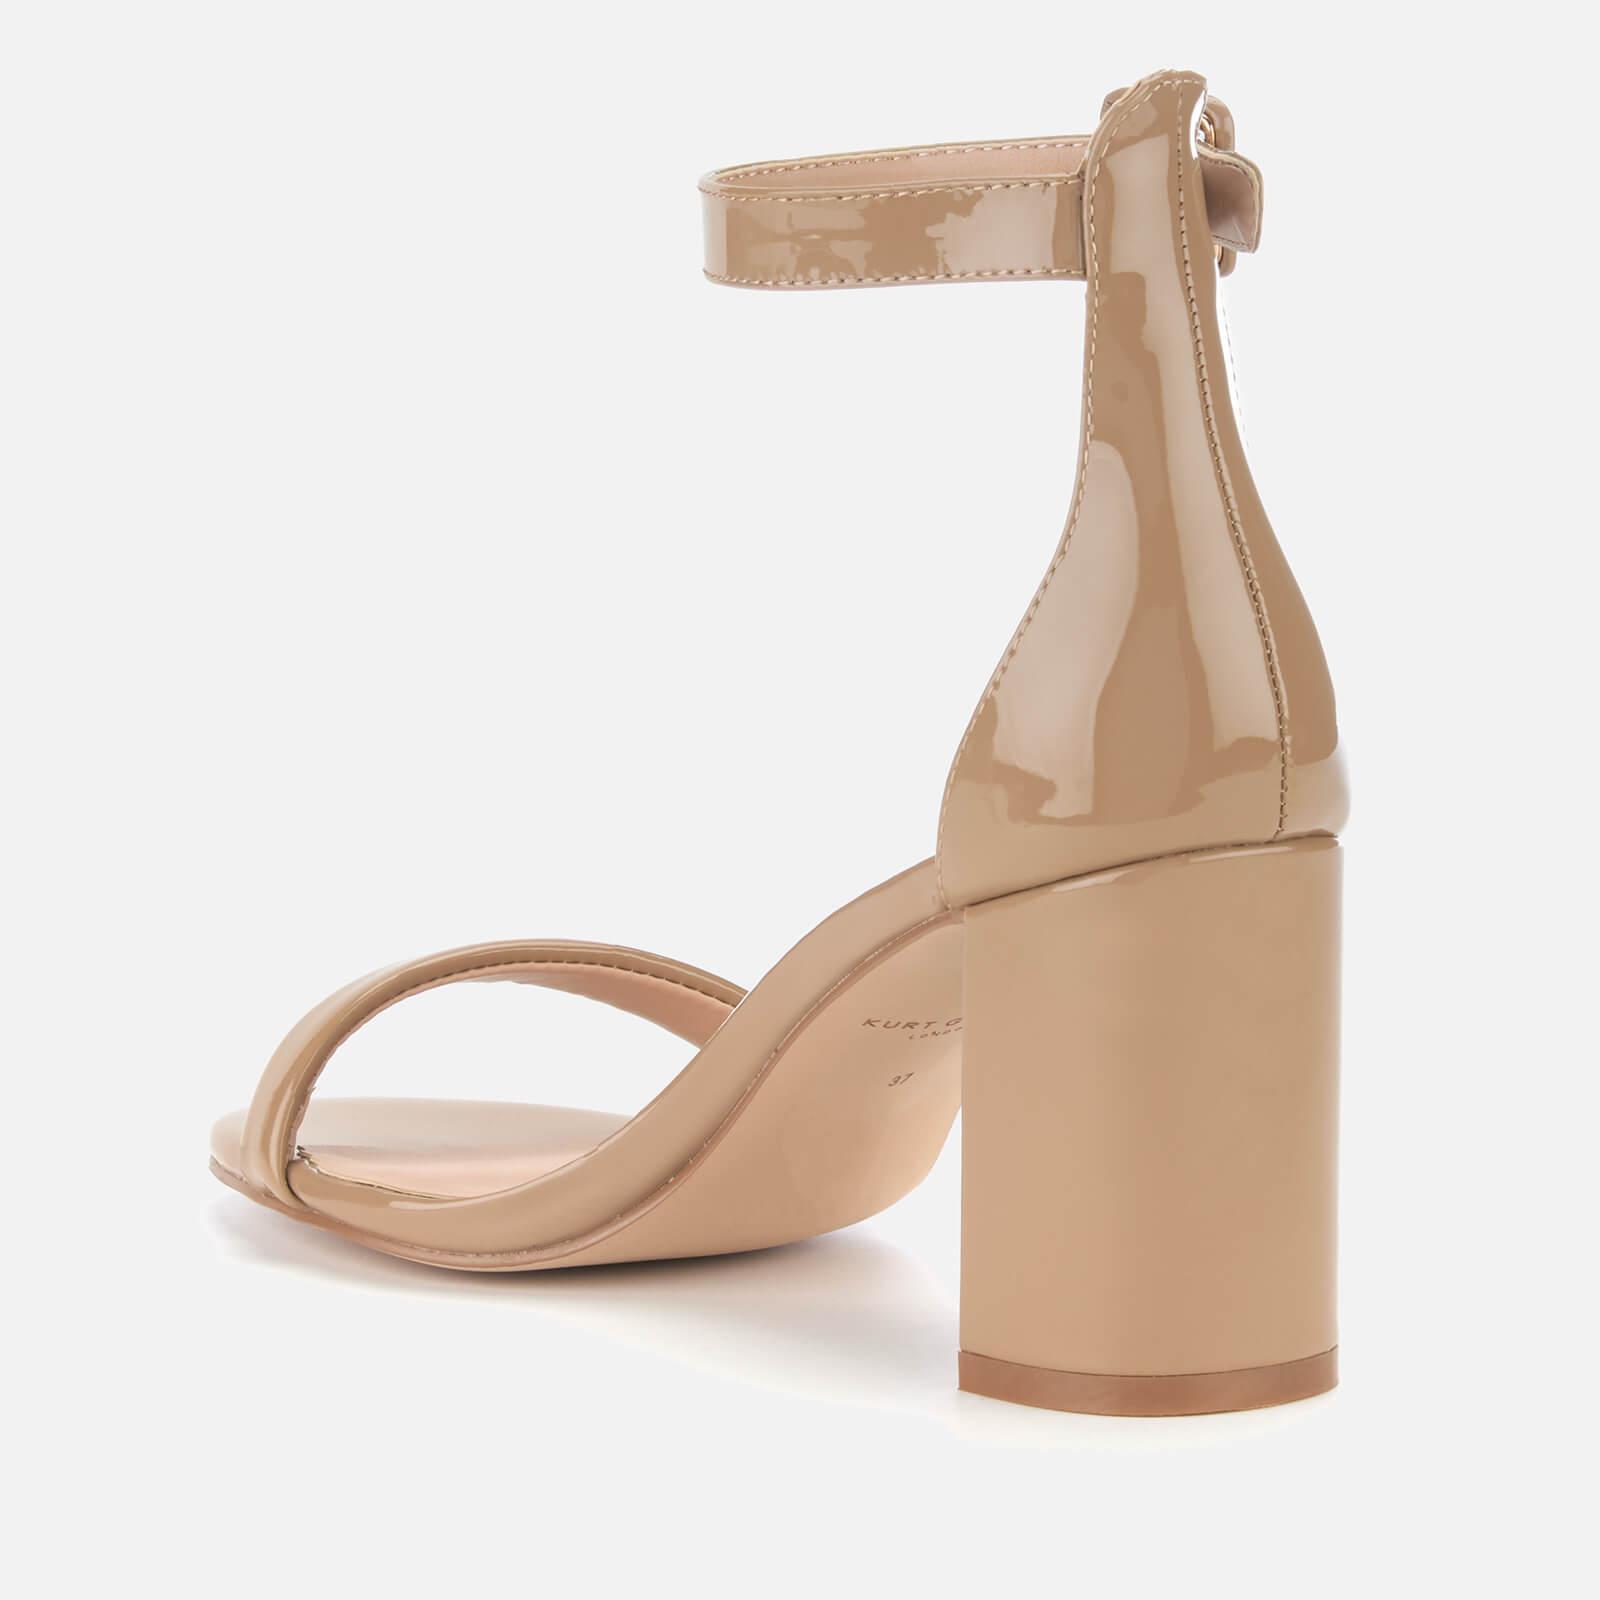 b1d8ba094a9 Kurt Geiger Langley Patent Block Heeled Sandals in Natural - Lyst